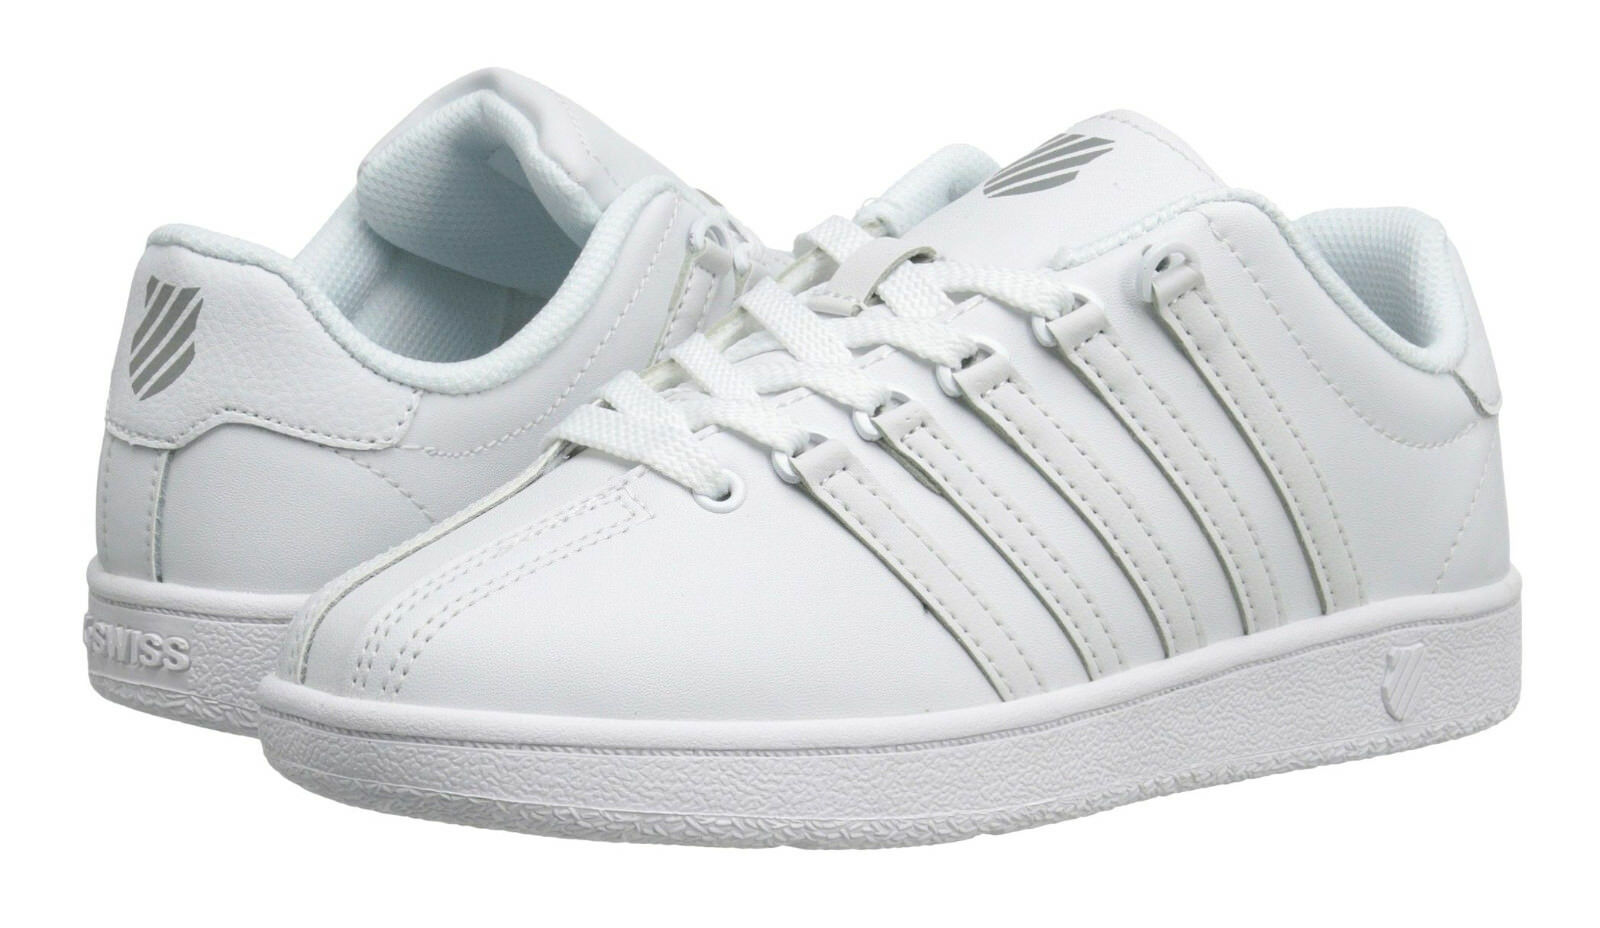 K-Swiss Classic VN Weiß, Weiß Big Sneakers Kids Sneakers Big Tennis Schuhes b57fb9